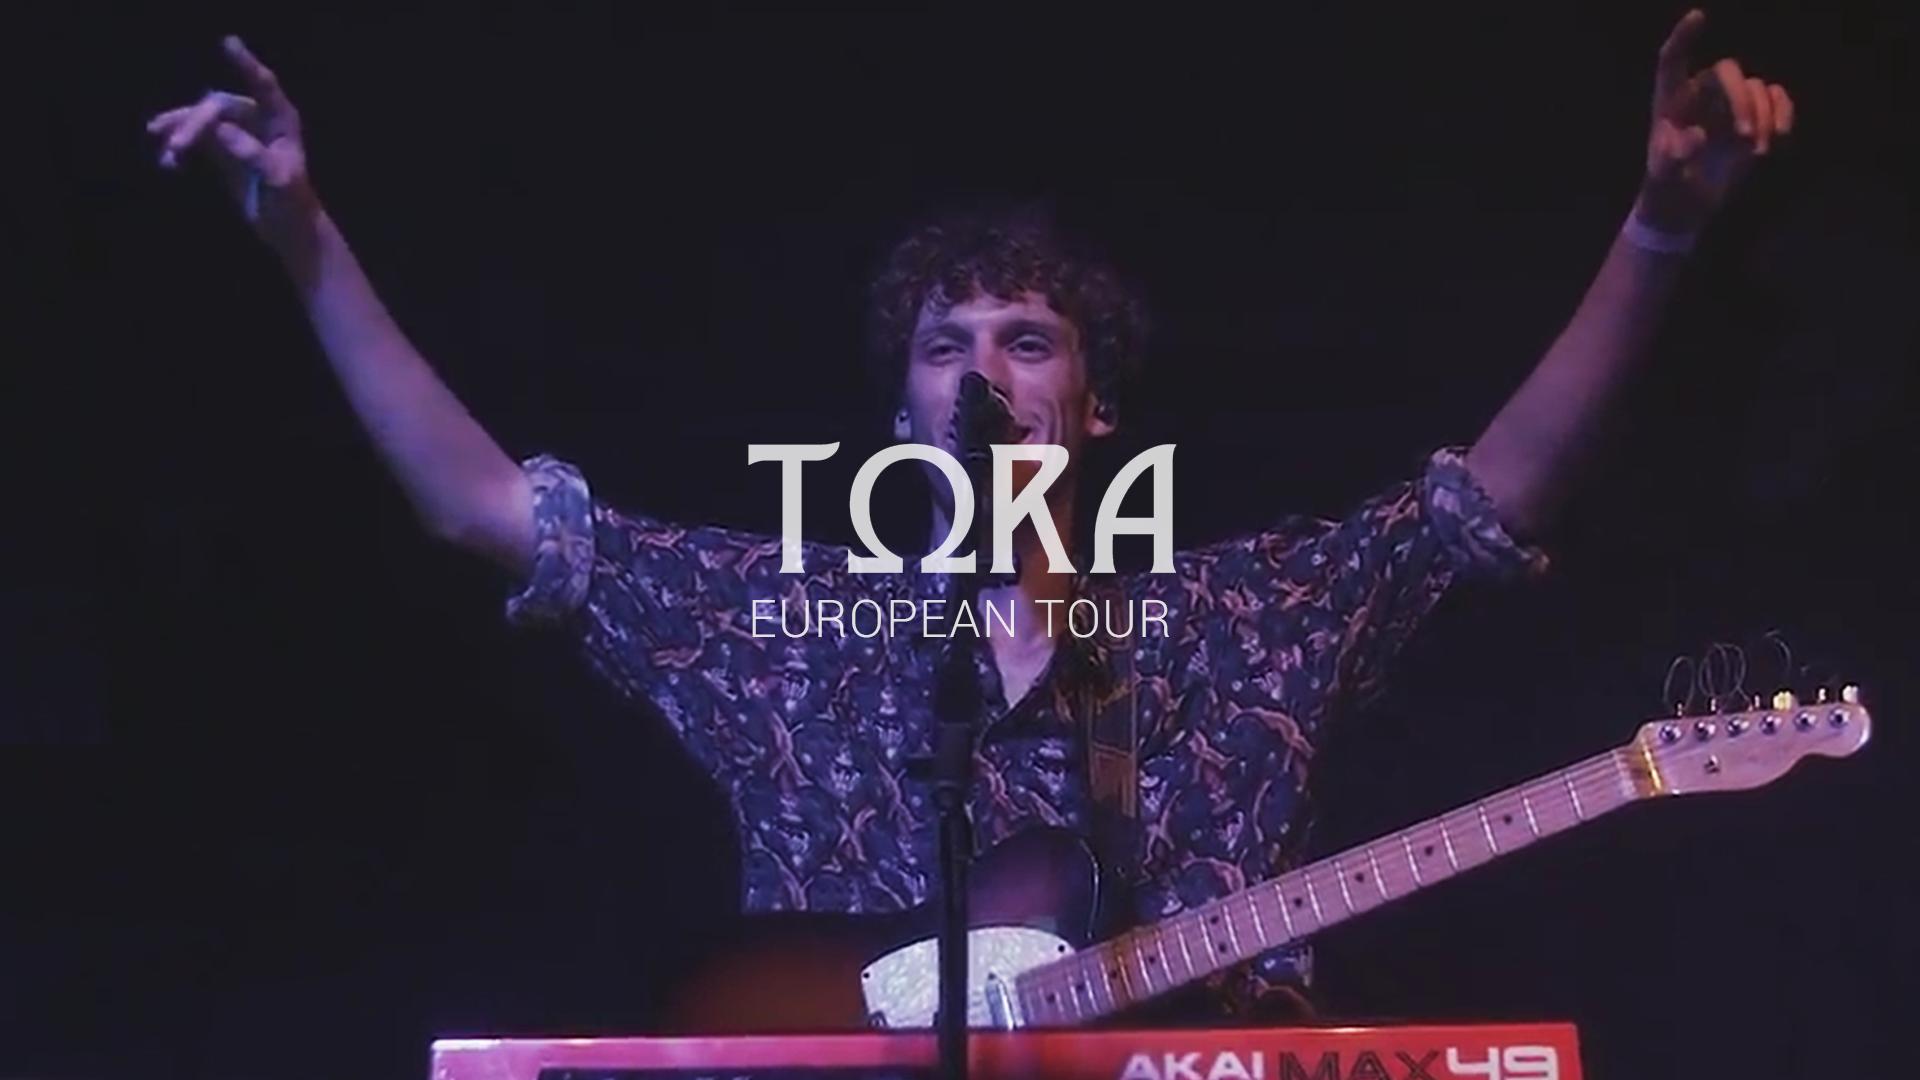 TORA EUROPEAN TOUR